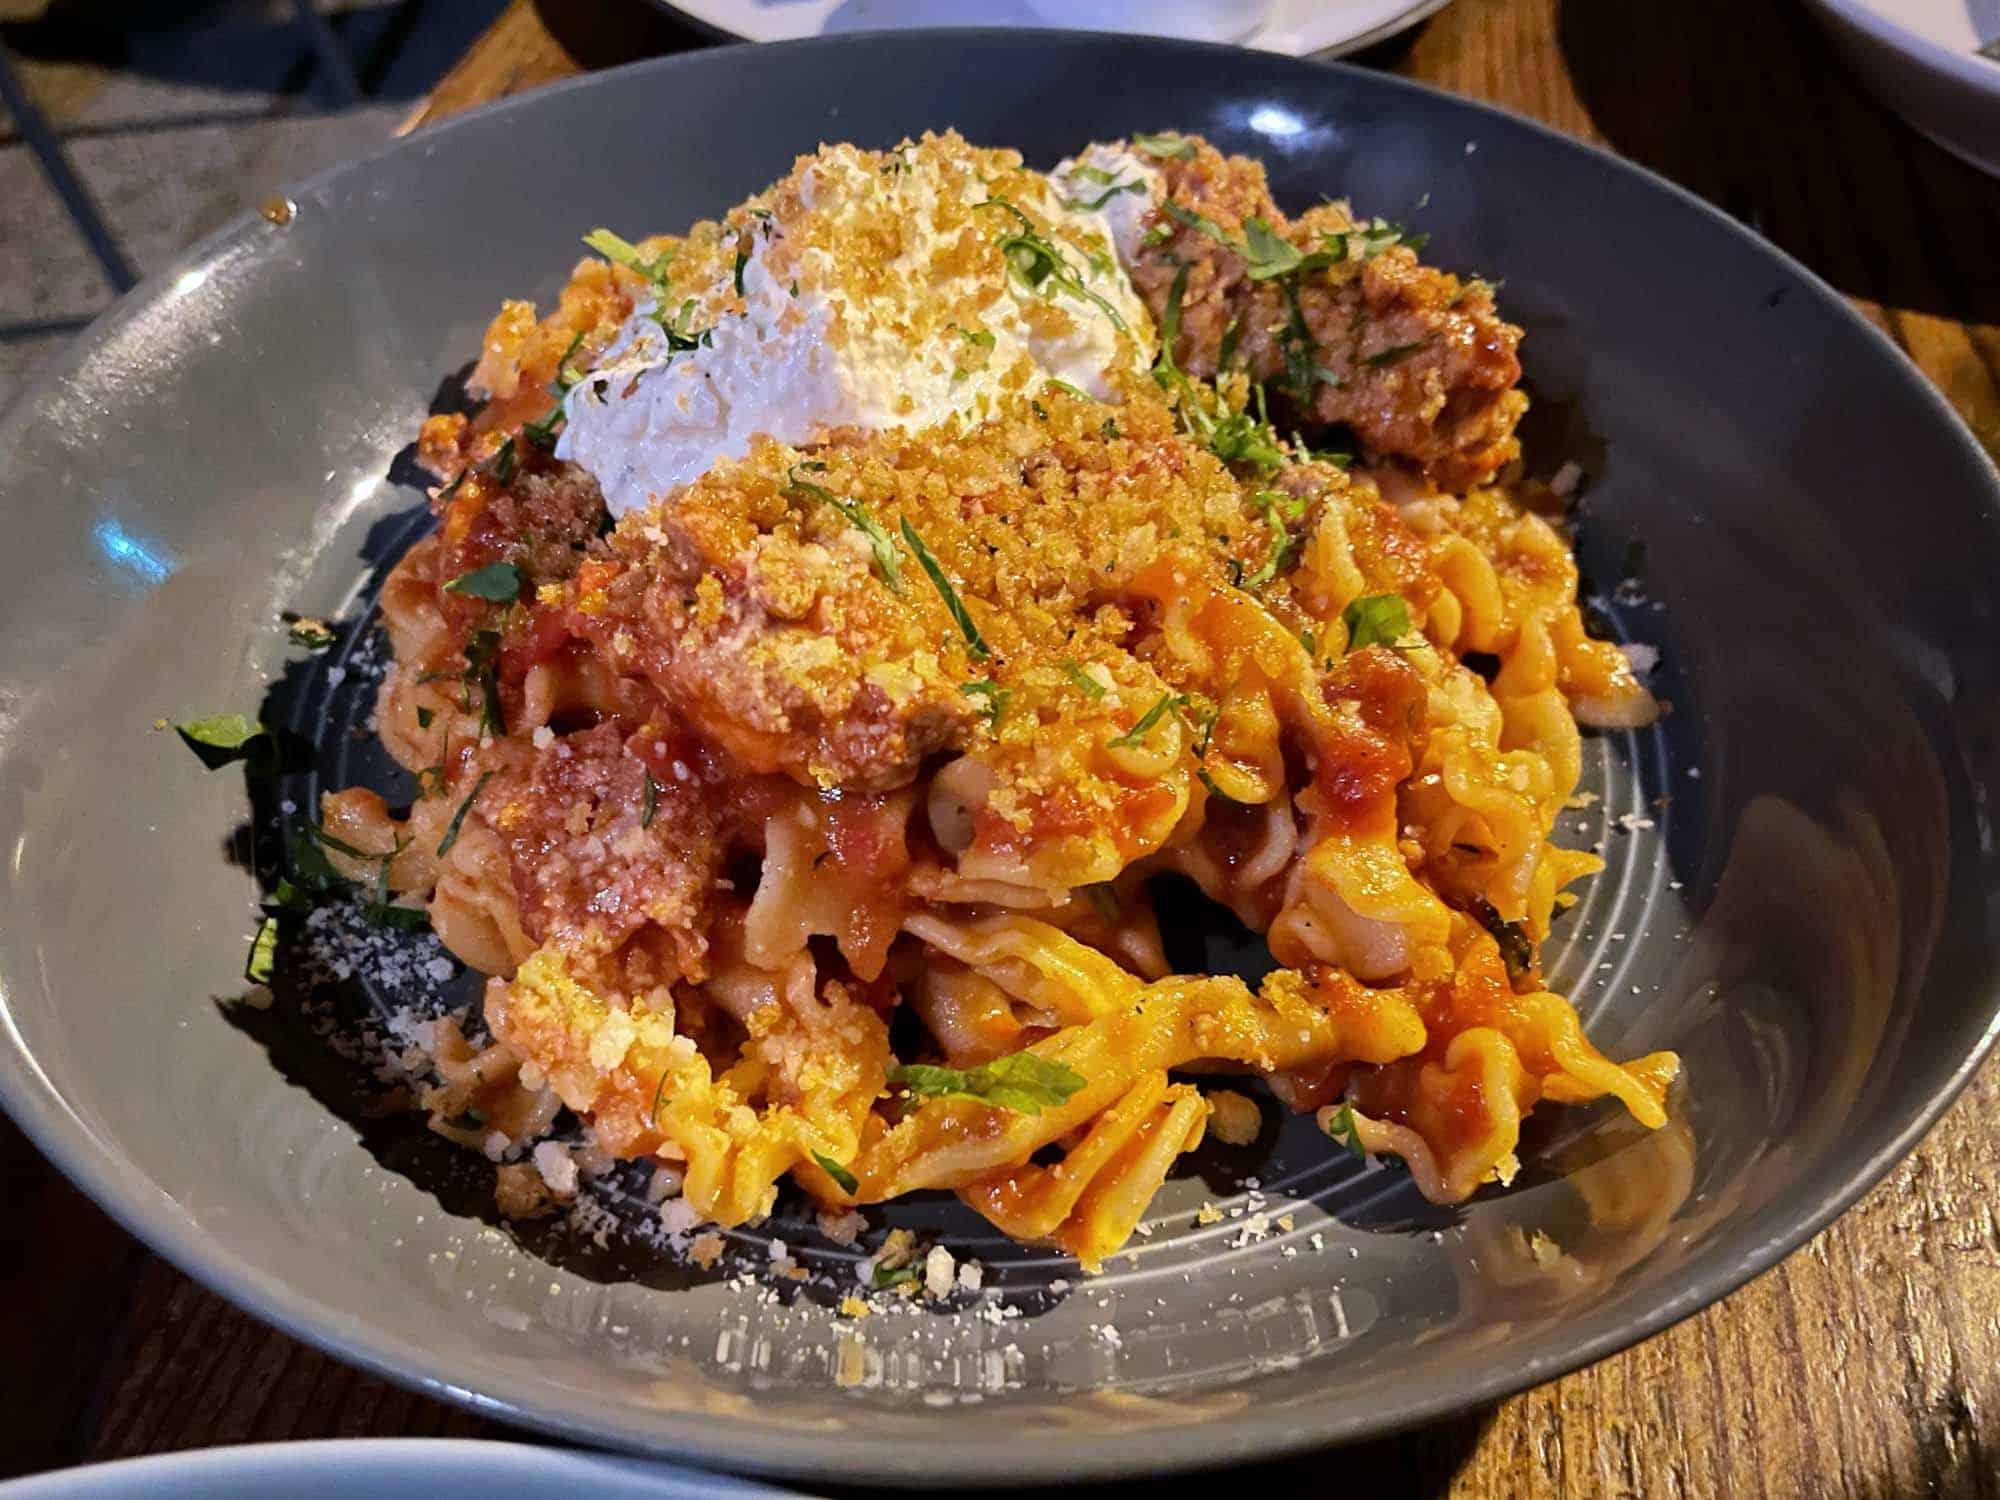 Pork ragu pasta in bowl